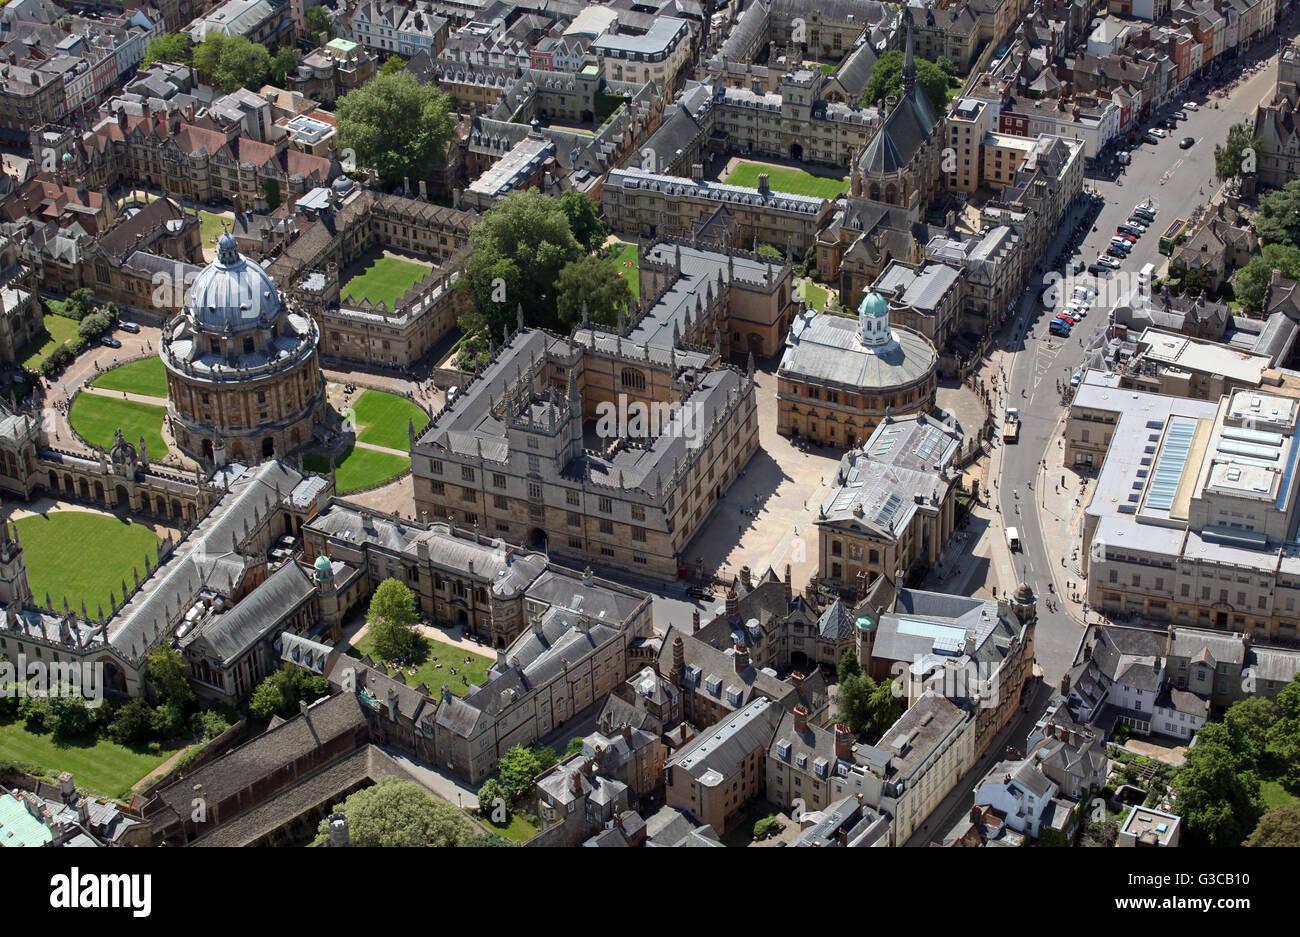 Vue aérienne de la Radcliffe Camera & Bodleian Library, Oxford University, UK Photo Stock